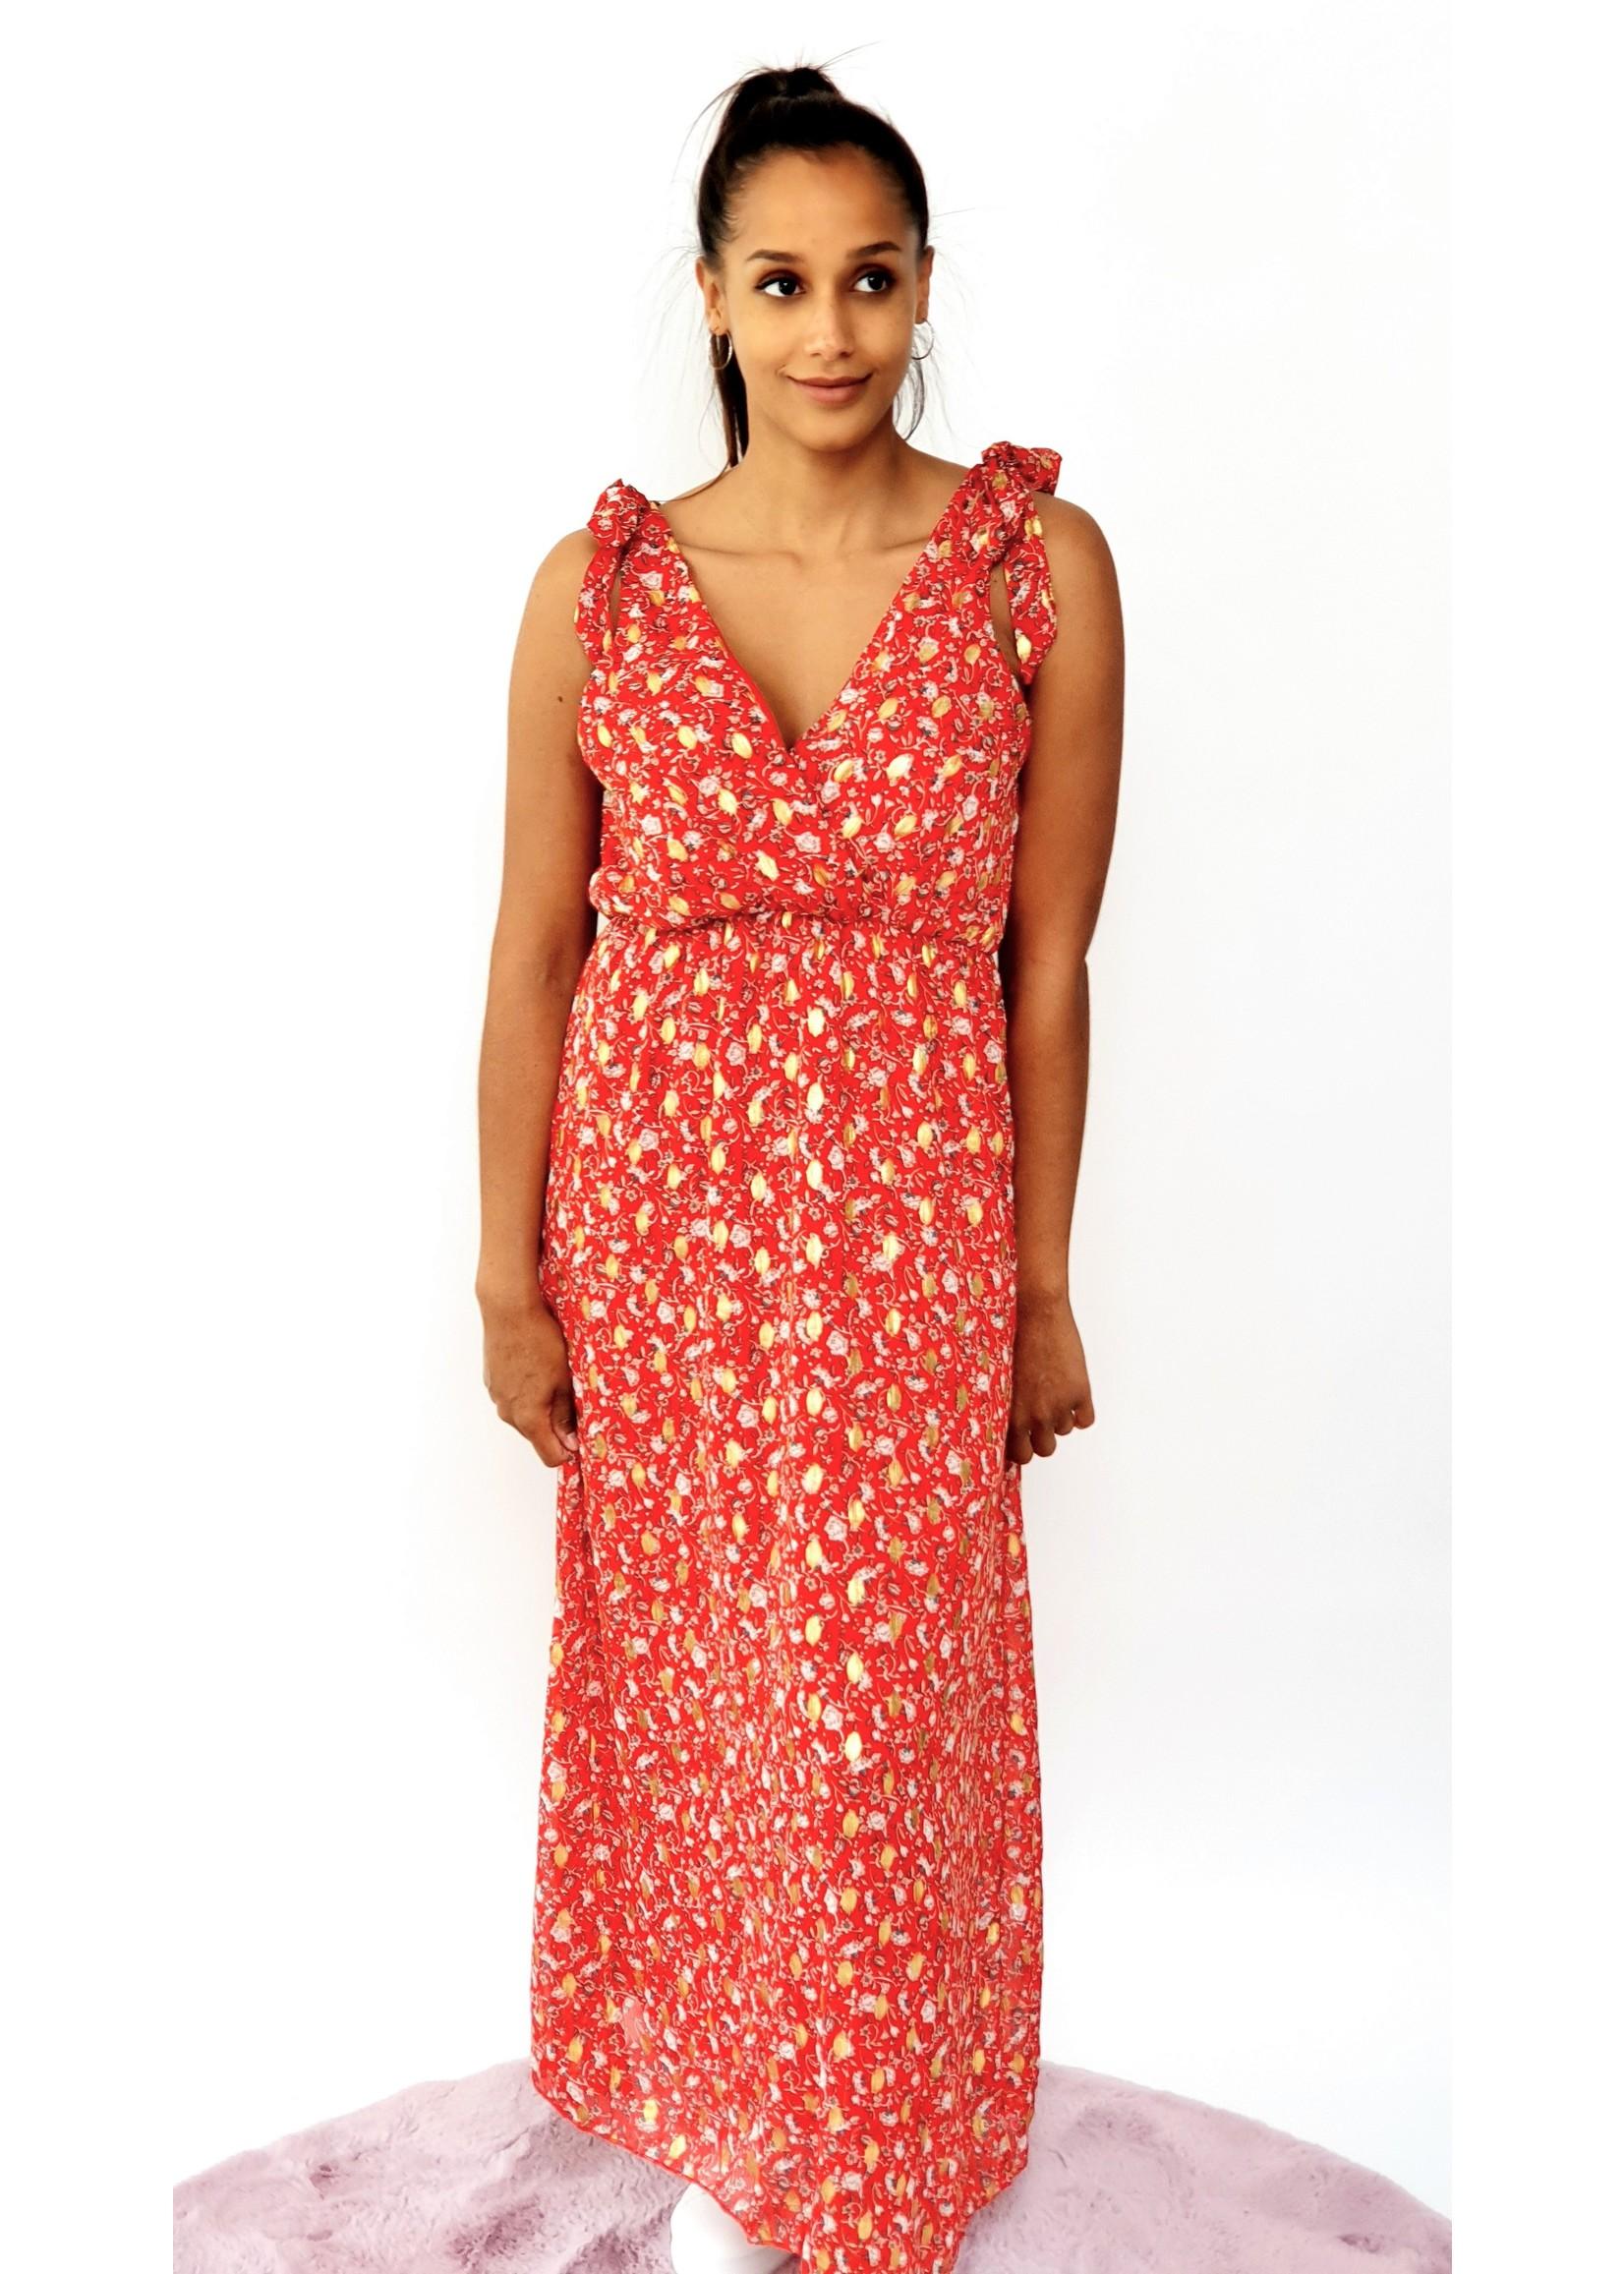 Thé goldy red dress